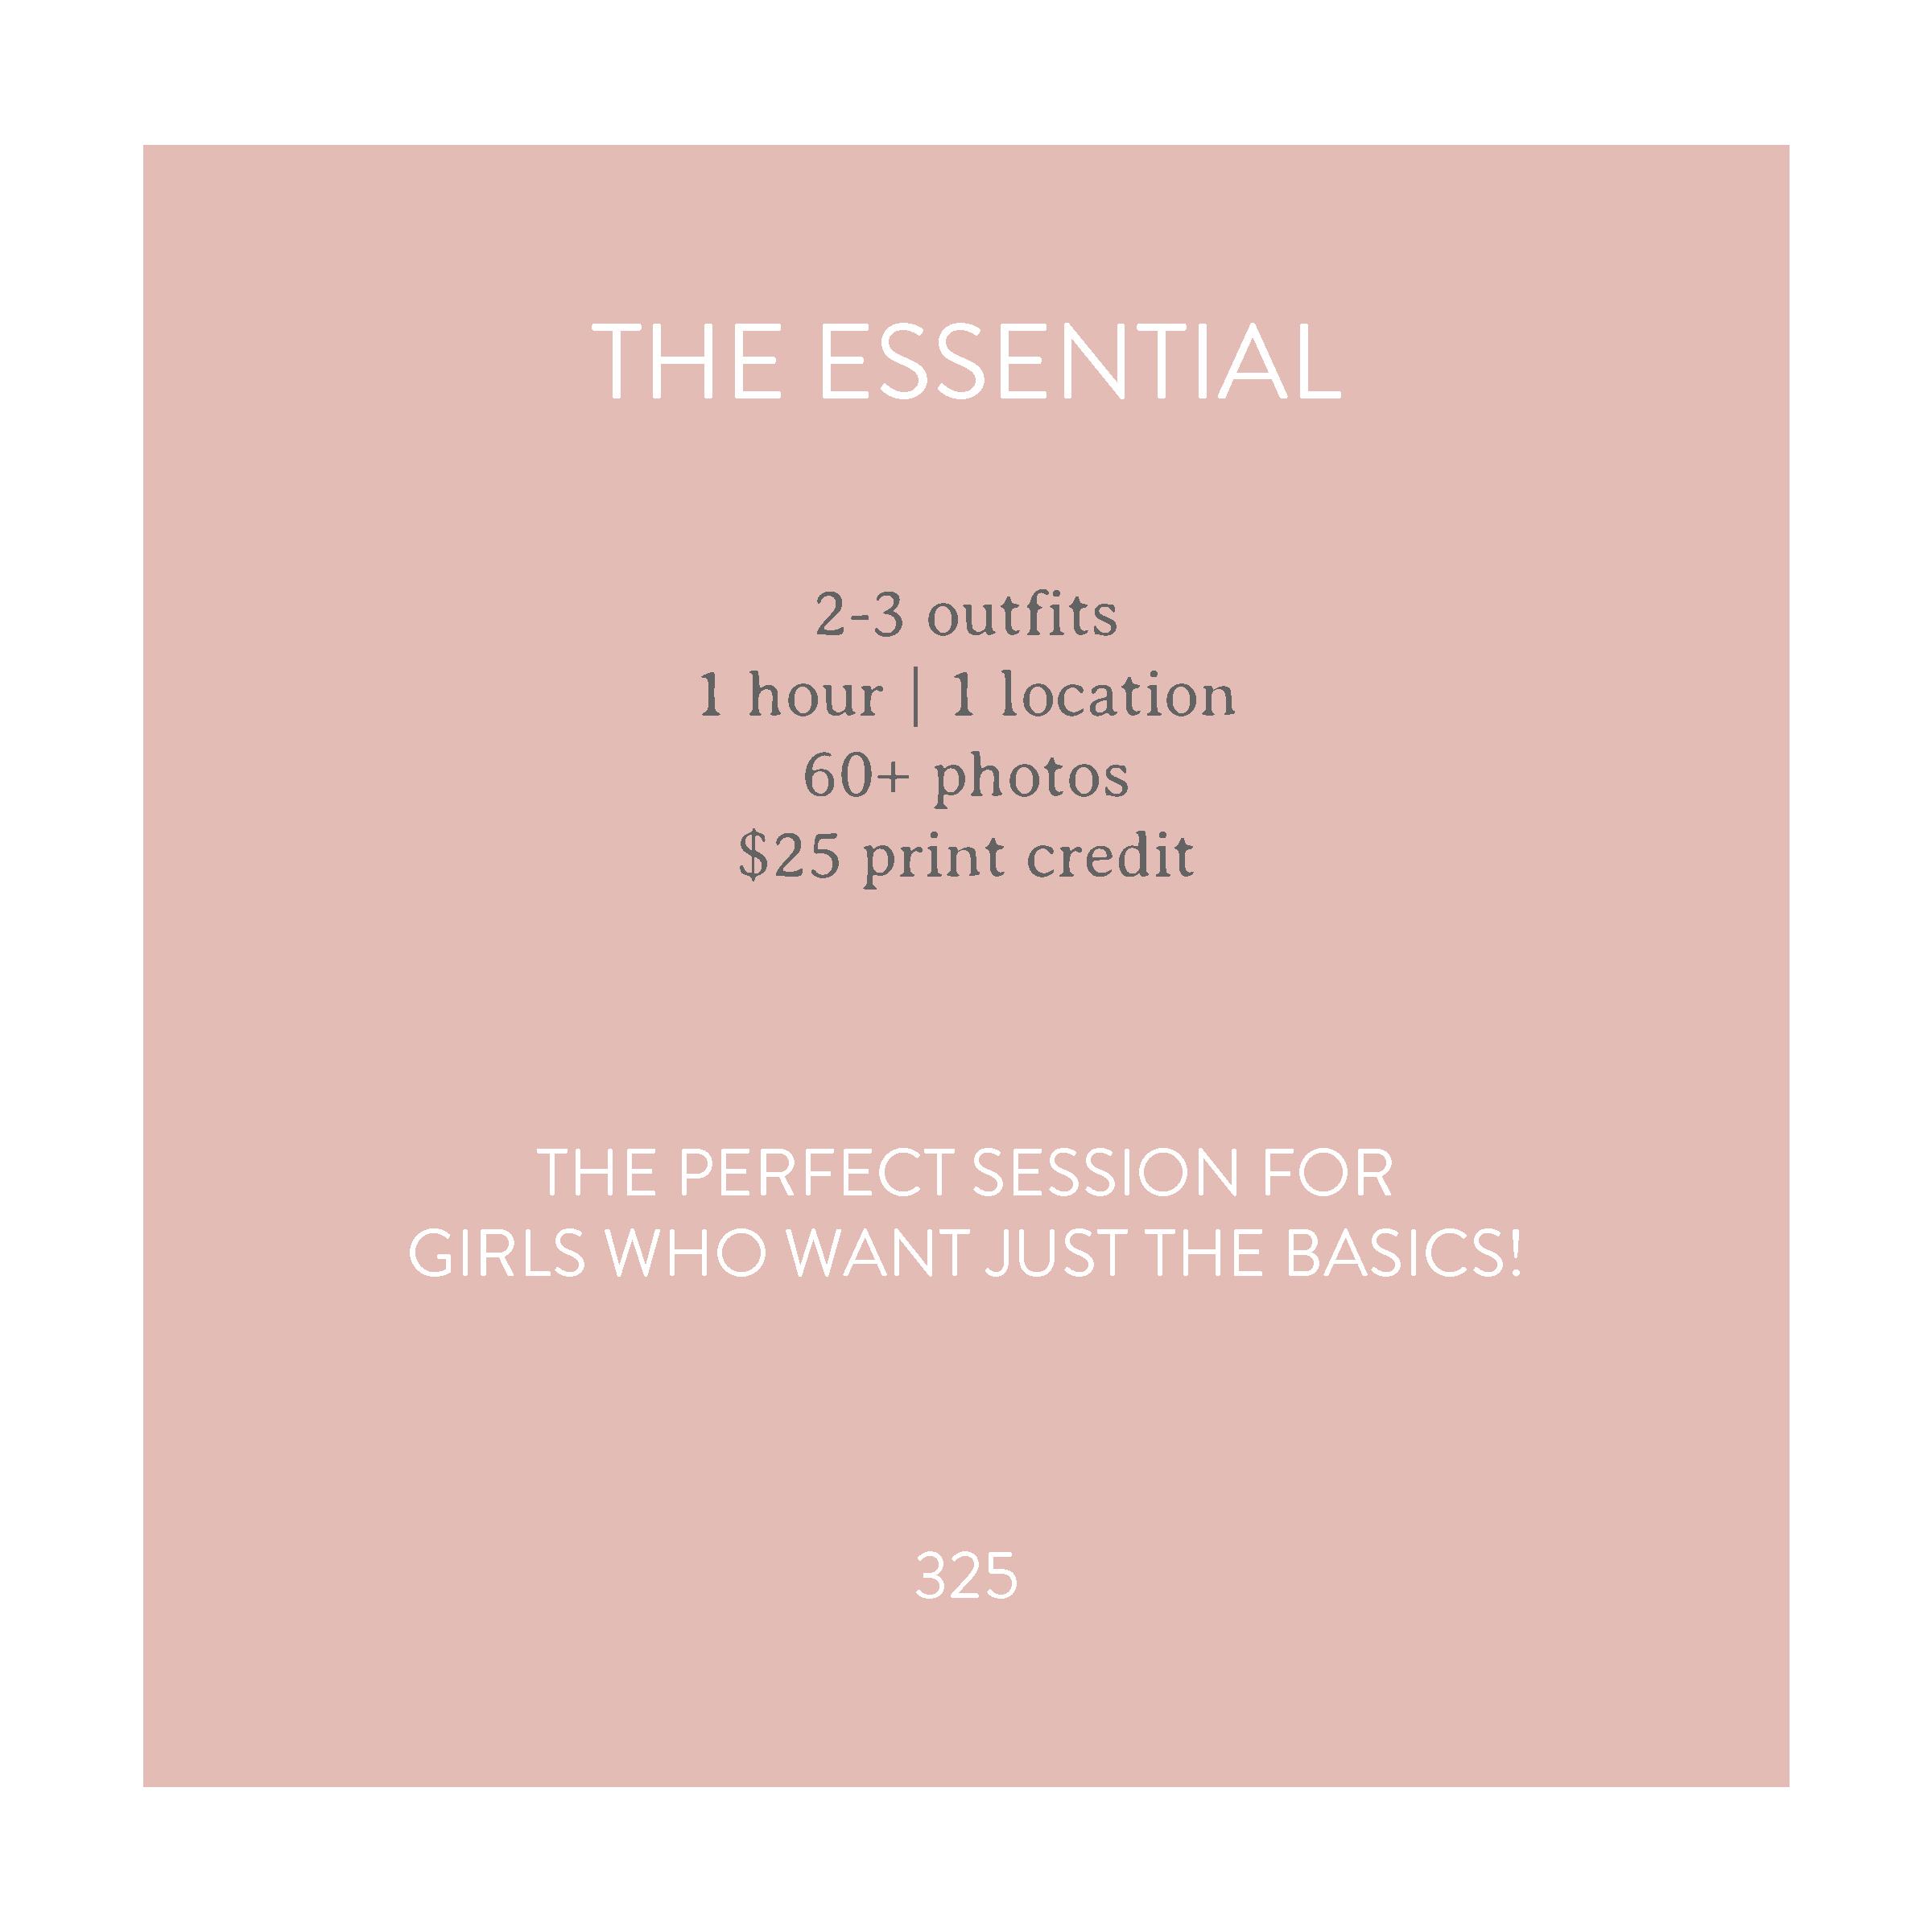 essential revised 4.jpg